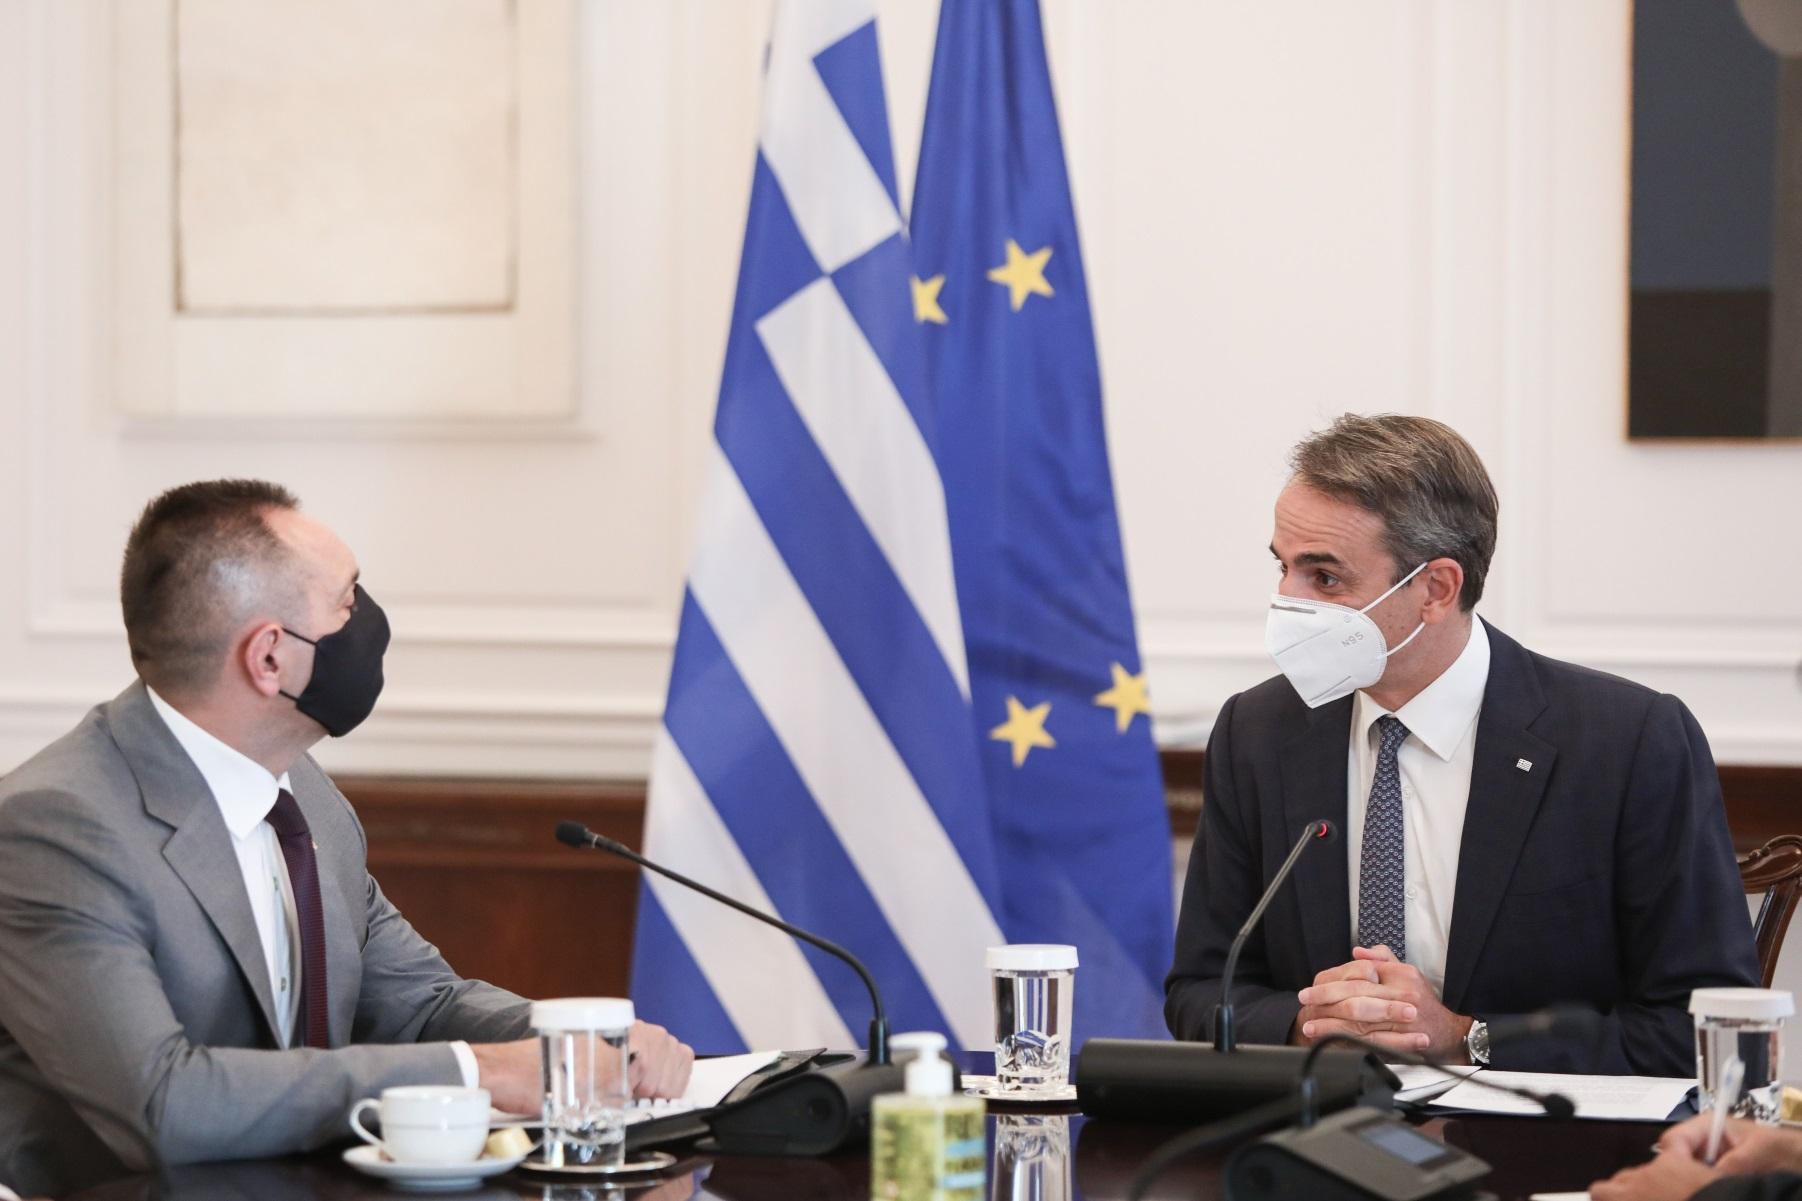 Φωτιές – Κυριάκος Μητσοτάκης: Δέχτηκε τον Σέρβο υπουργό Εσωτερικών και τον ευχαρίστησε για τη βοήθεια